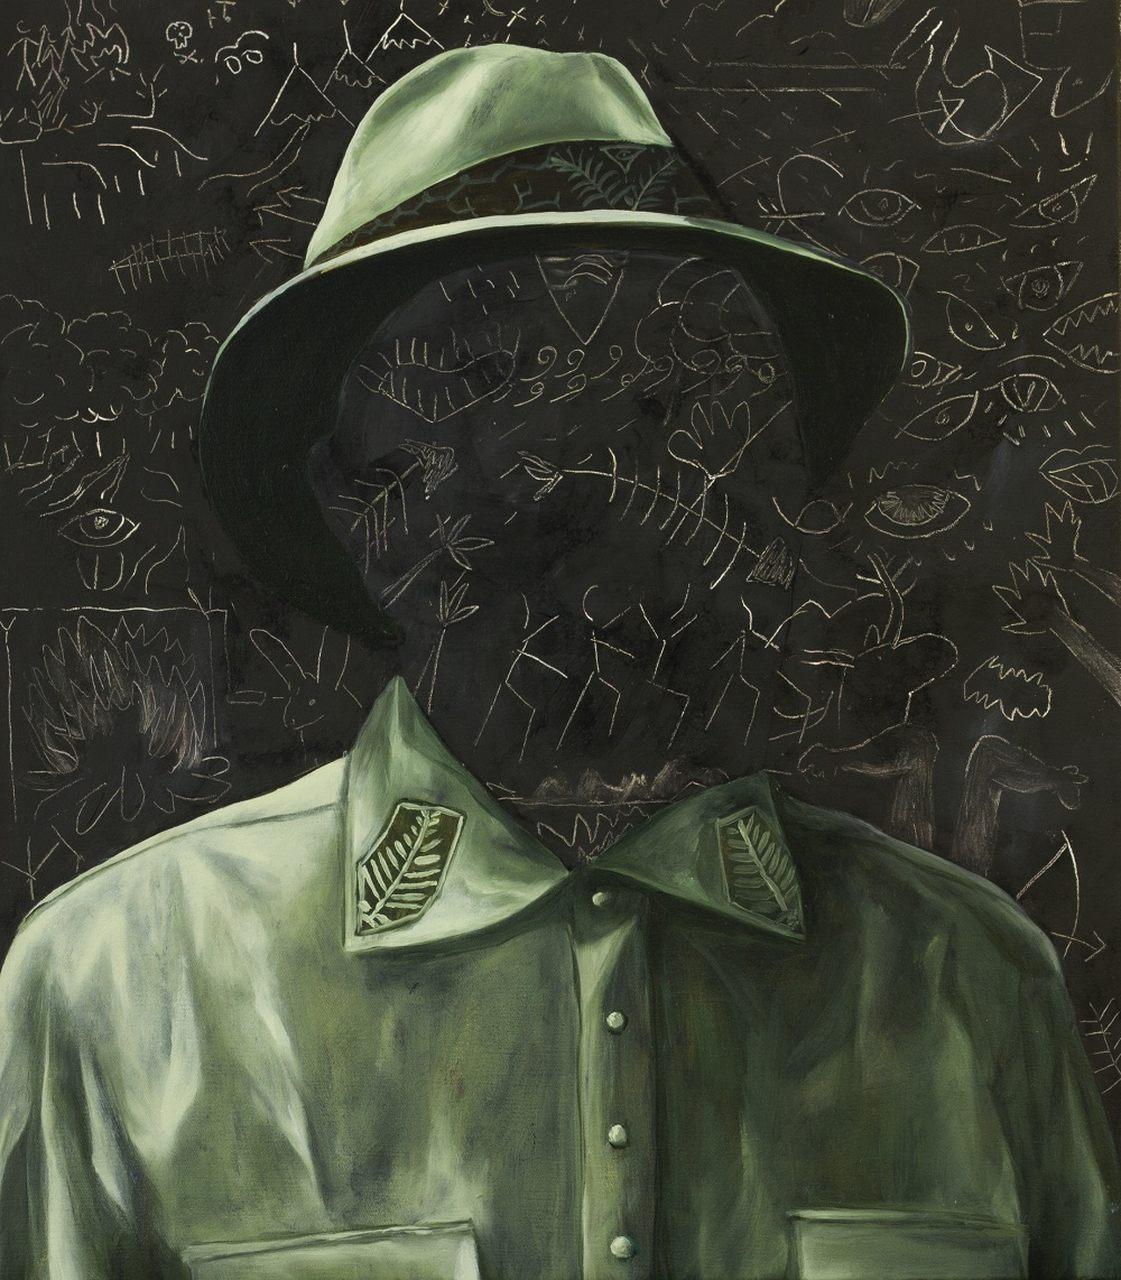 Portret zielony, 2017